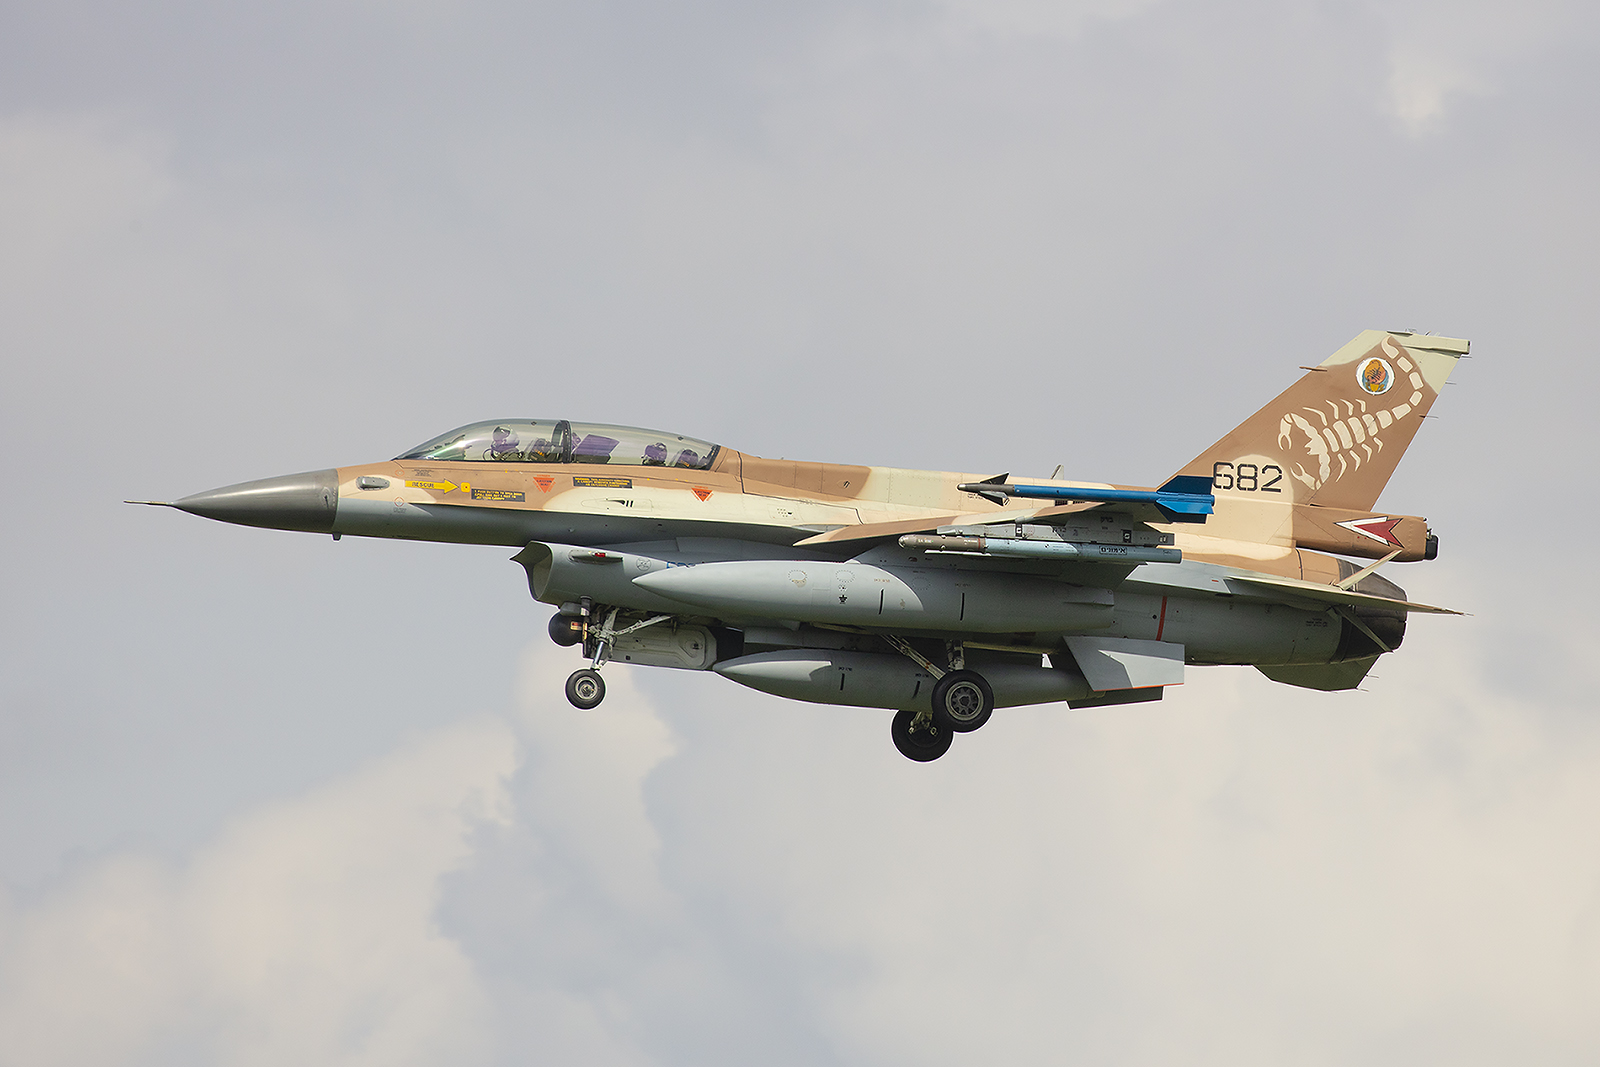 Das Tarnmuster der IDF ist mal ein schöner Farbklecks am Himmel.